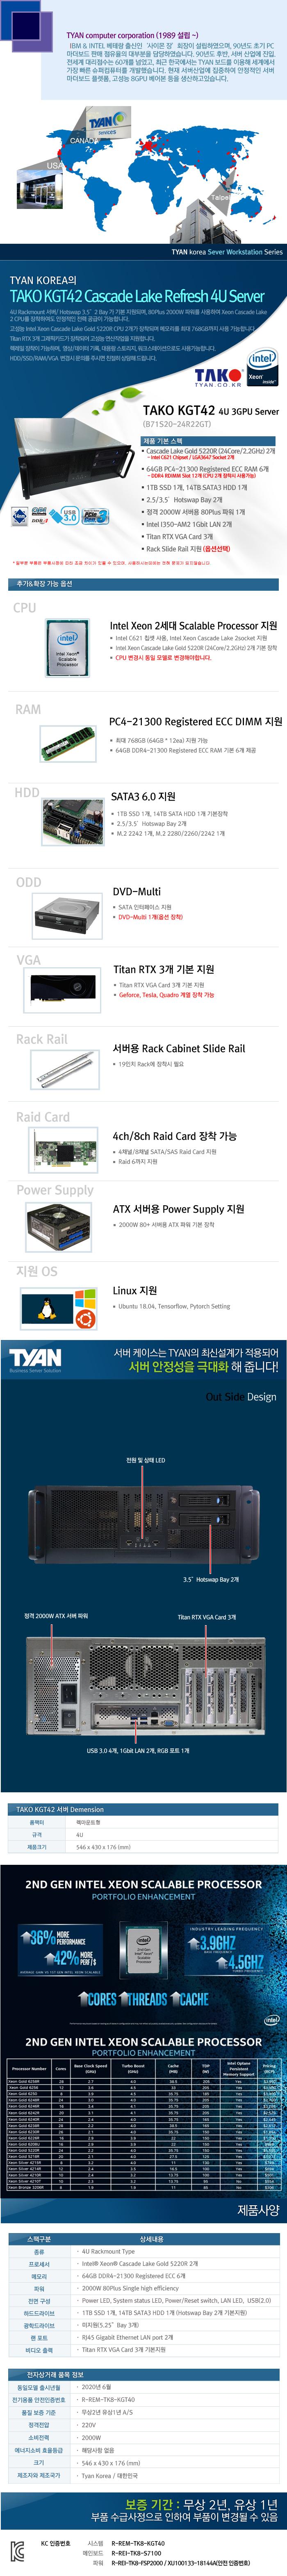 TYAN TAKO-KGT42-(B71S20-24R22GT) 3GPU (384GB, SSD 1TB + 14TB)